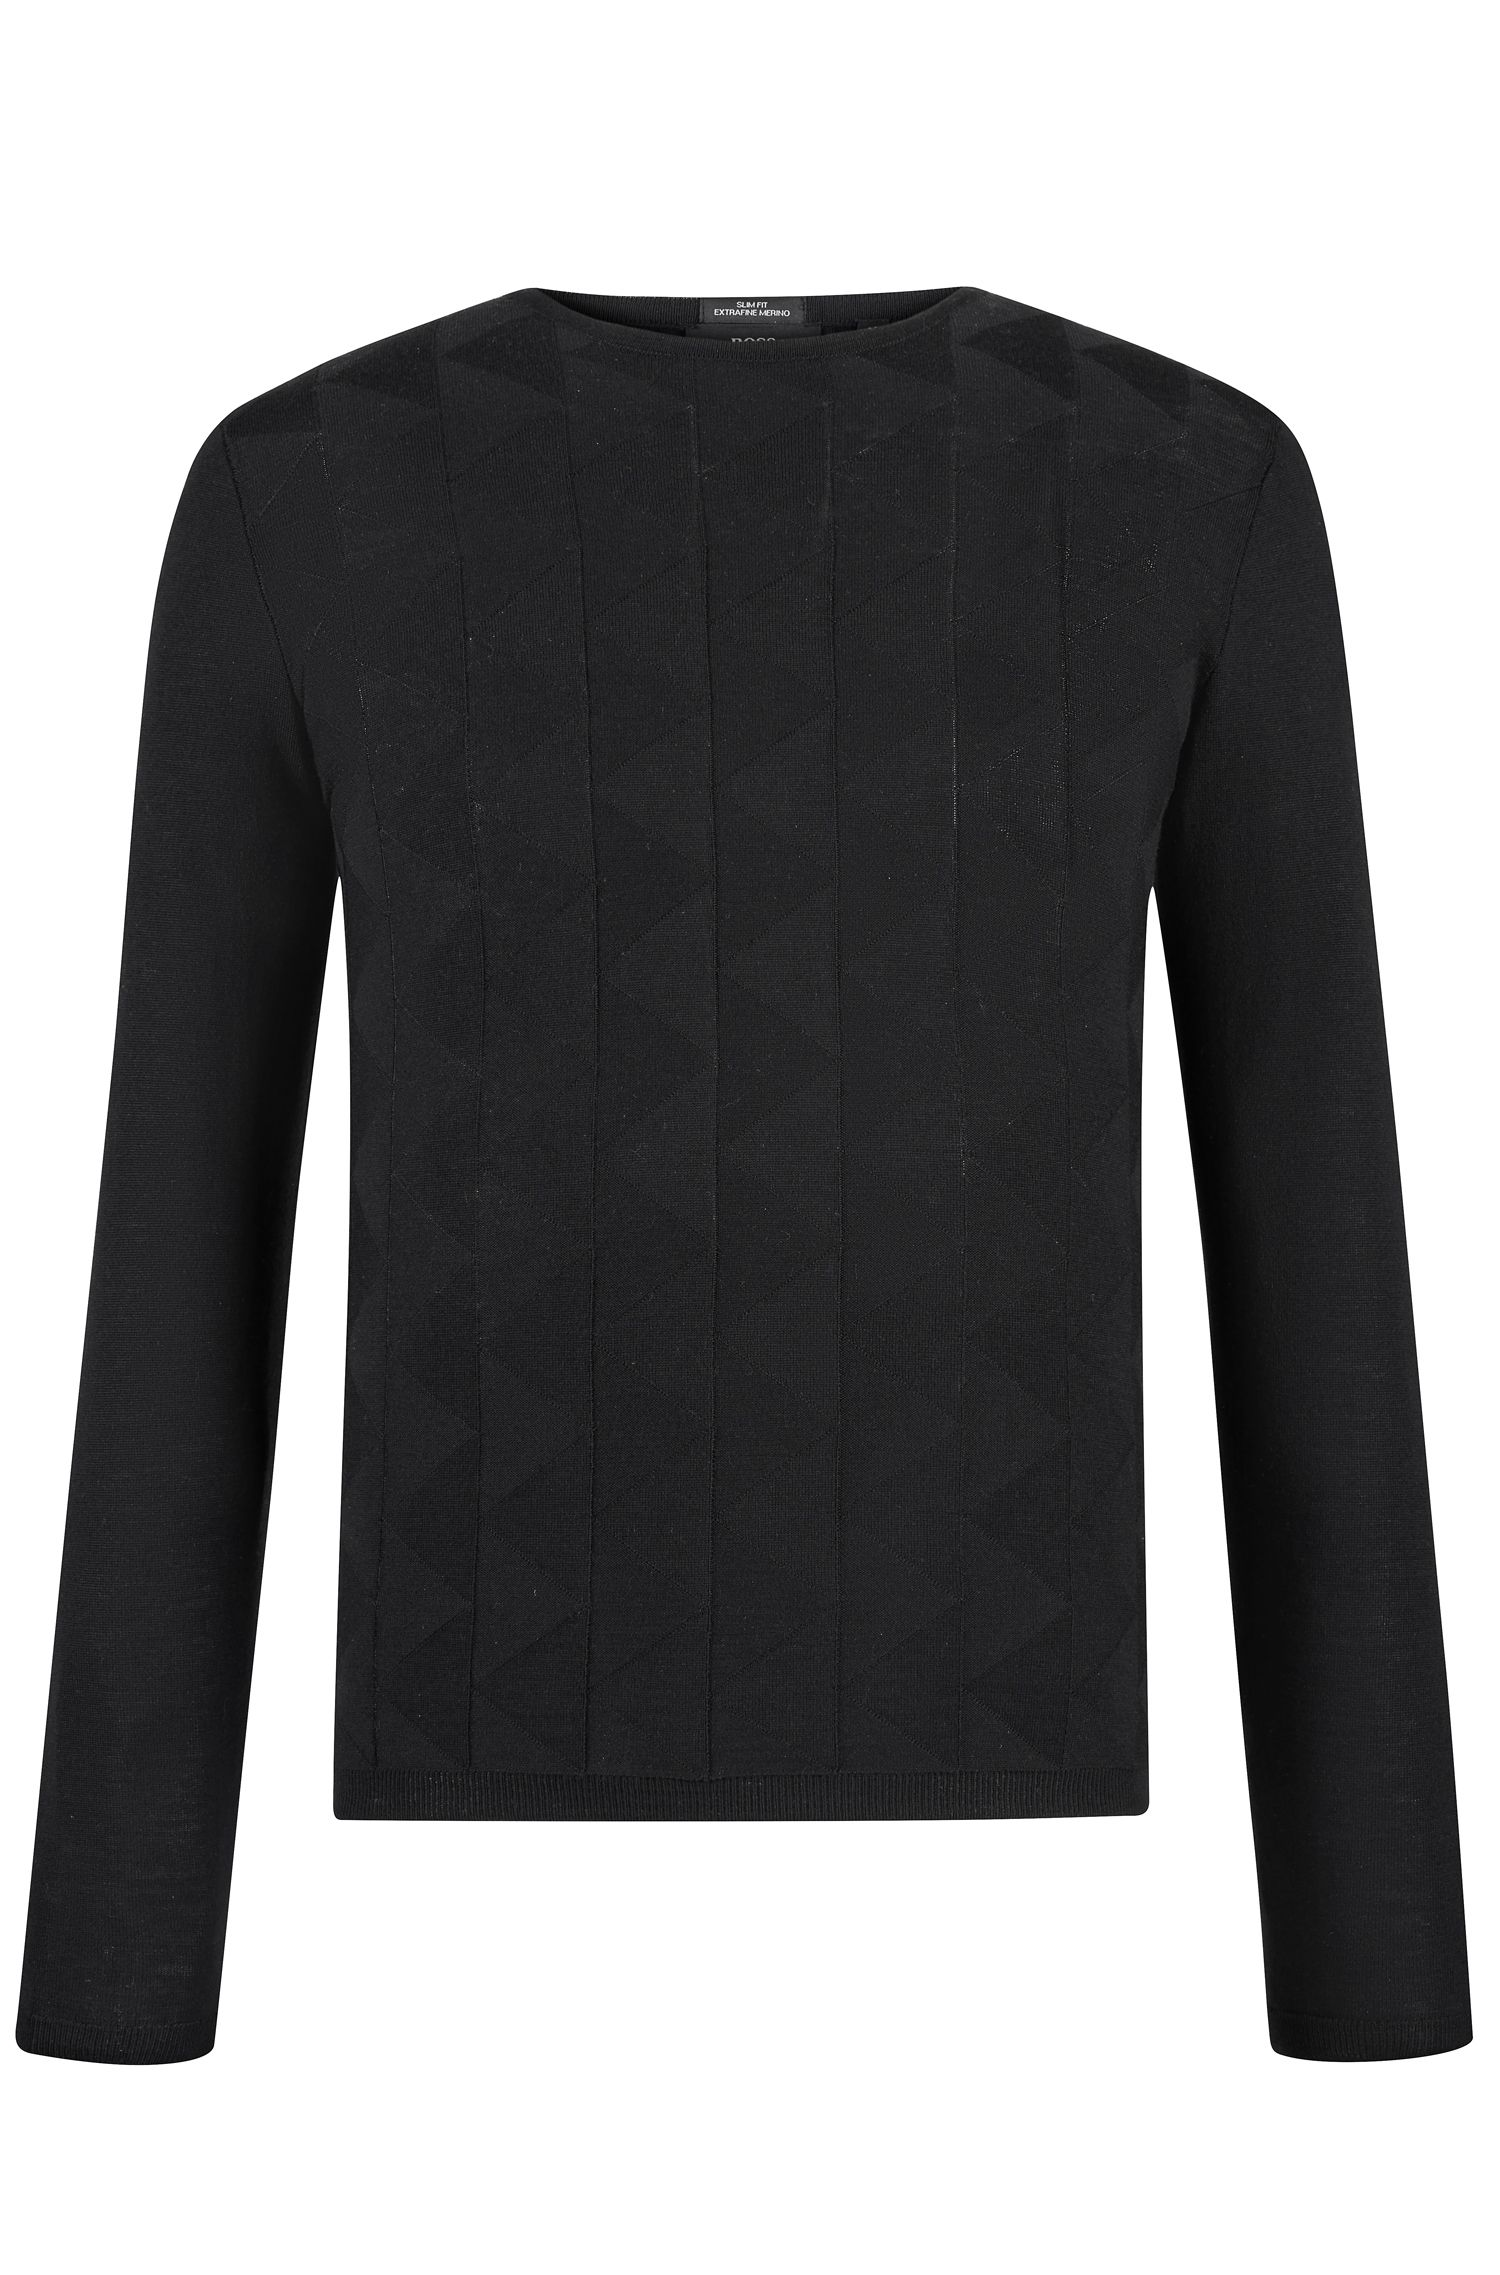 'Ibaro' | Extra-Fine Merino Wool Sweater